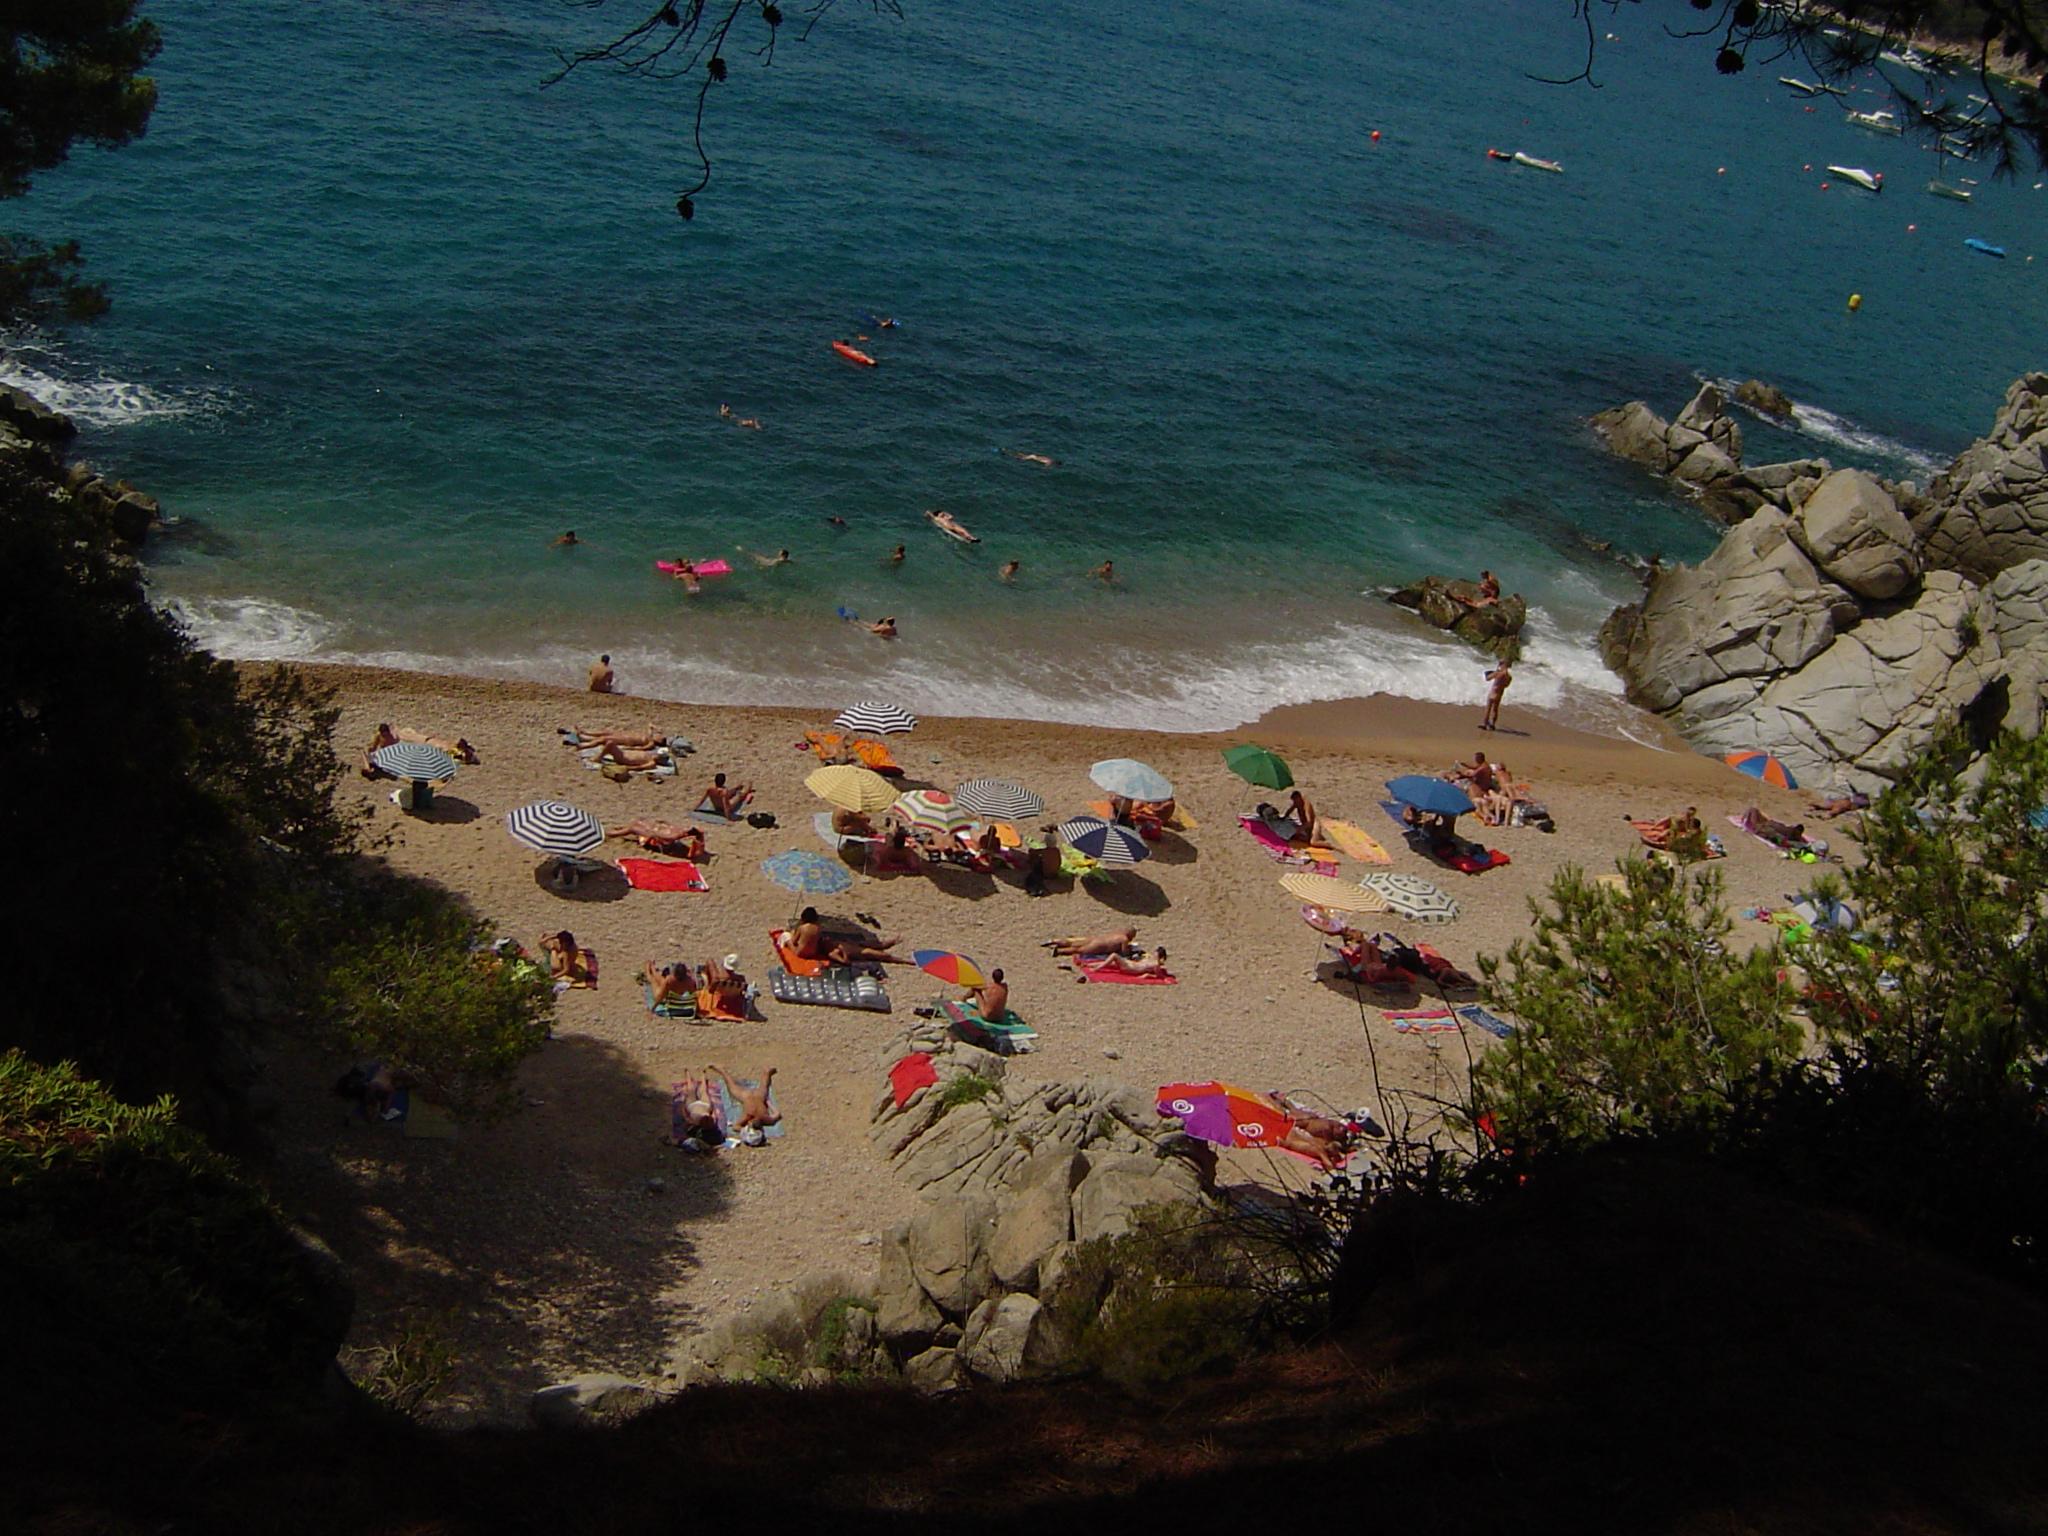 Foto playa Cala Llevadó / La Llosa des Llevador. Cala Figuera, Camping Cala Llevado